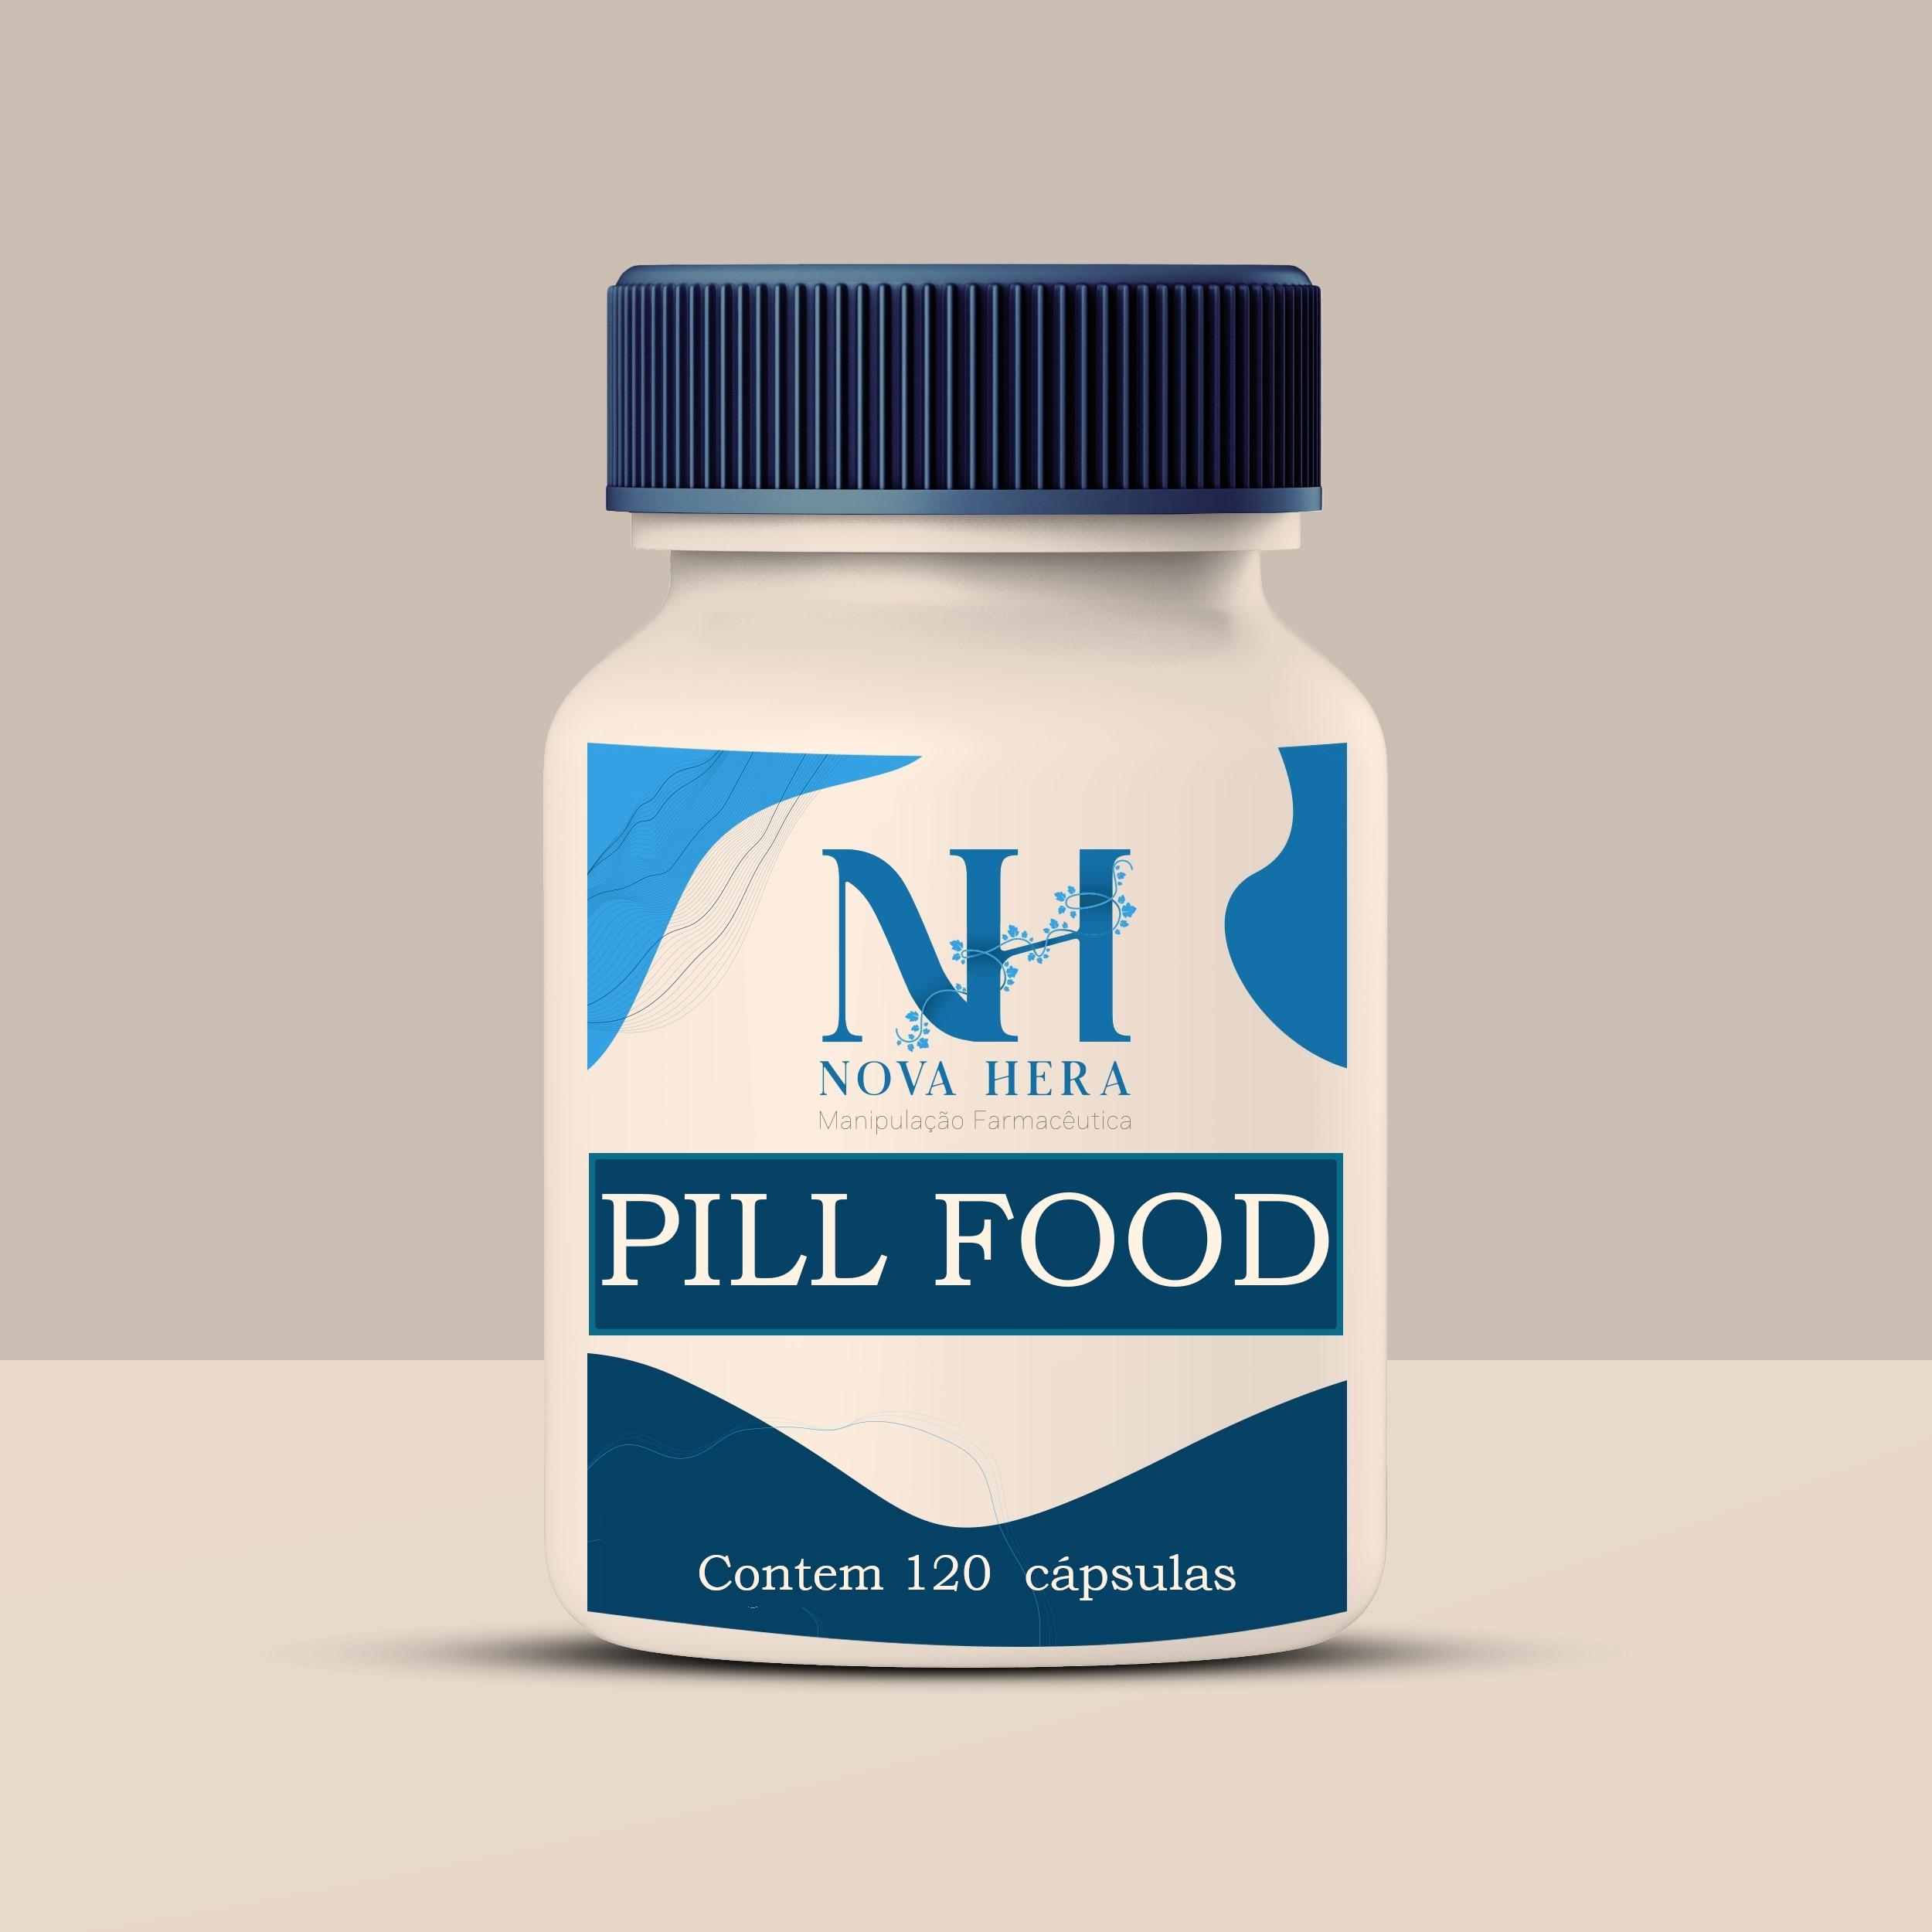 https://www.farmacianovahera.com.br/view/_upload/produto/48/1587671626pill-food---jpeg.jpg